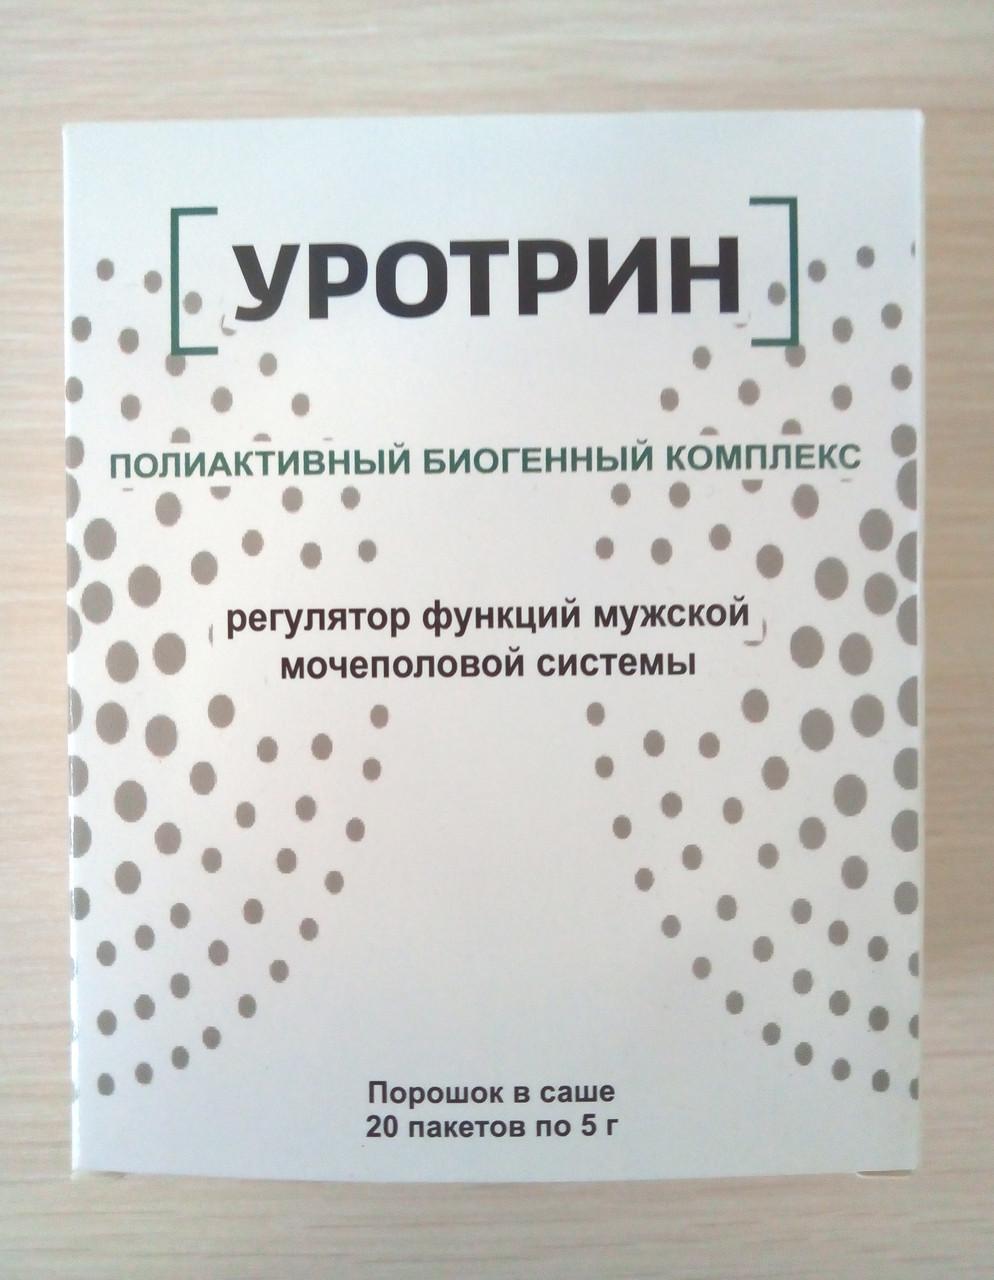 Уротрин - Средство от урологических заболеваний у мужчин